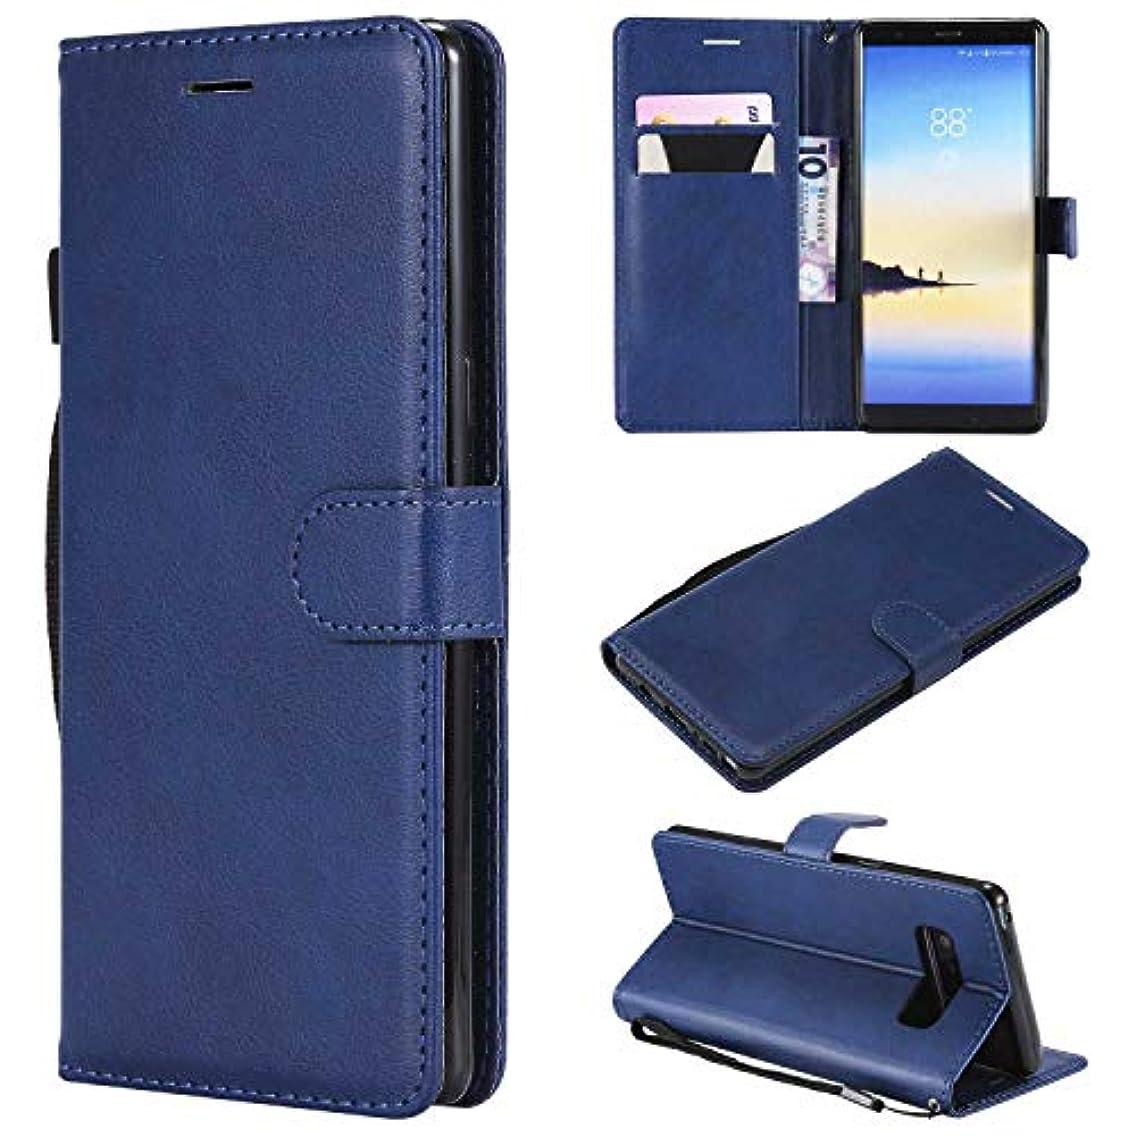 哲学者厚さベリGalaxy Note 8 ケース手帳型 OMATENTI レザー 革 薄型 手帳型カバー カード入れ スタンド機能 サムスン Galaxy Note 8 おしゃれ 手帳ケース (6-ブルー)